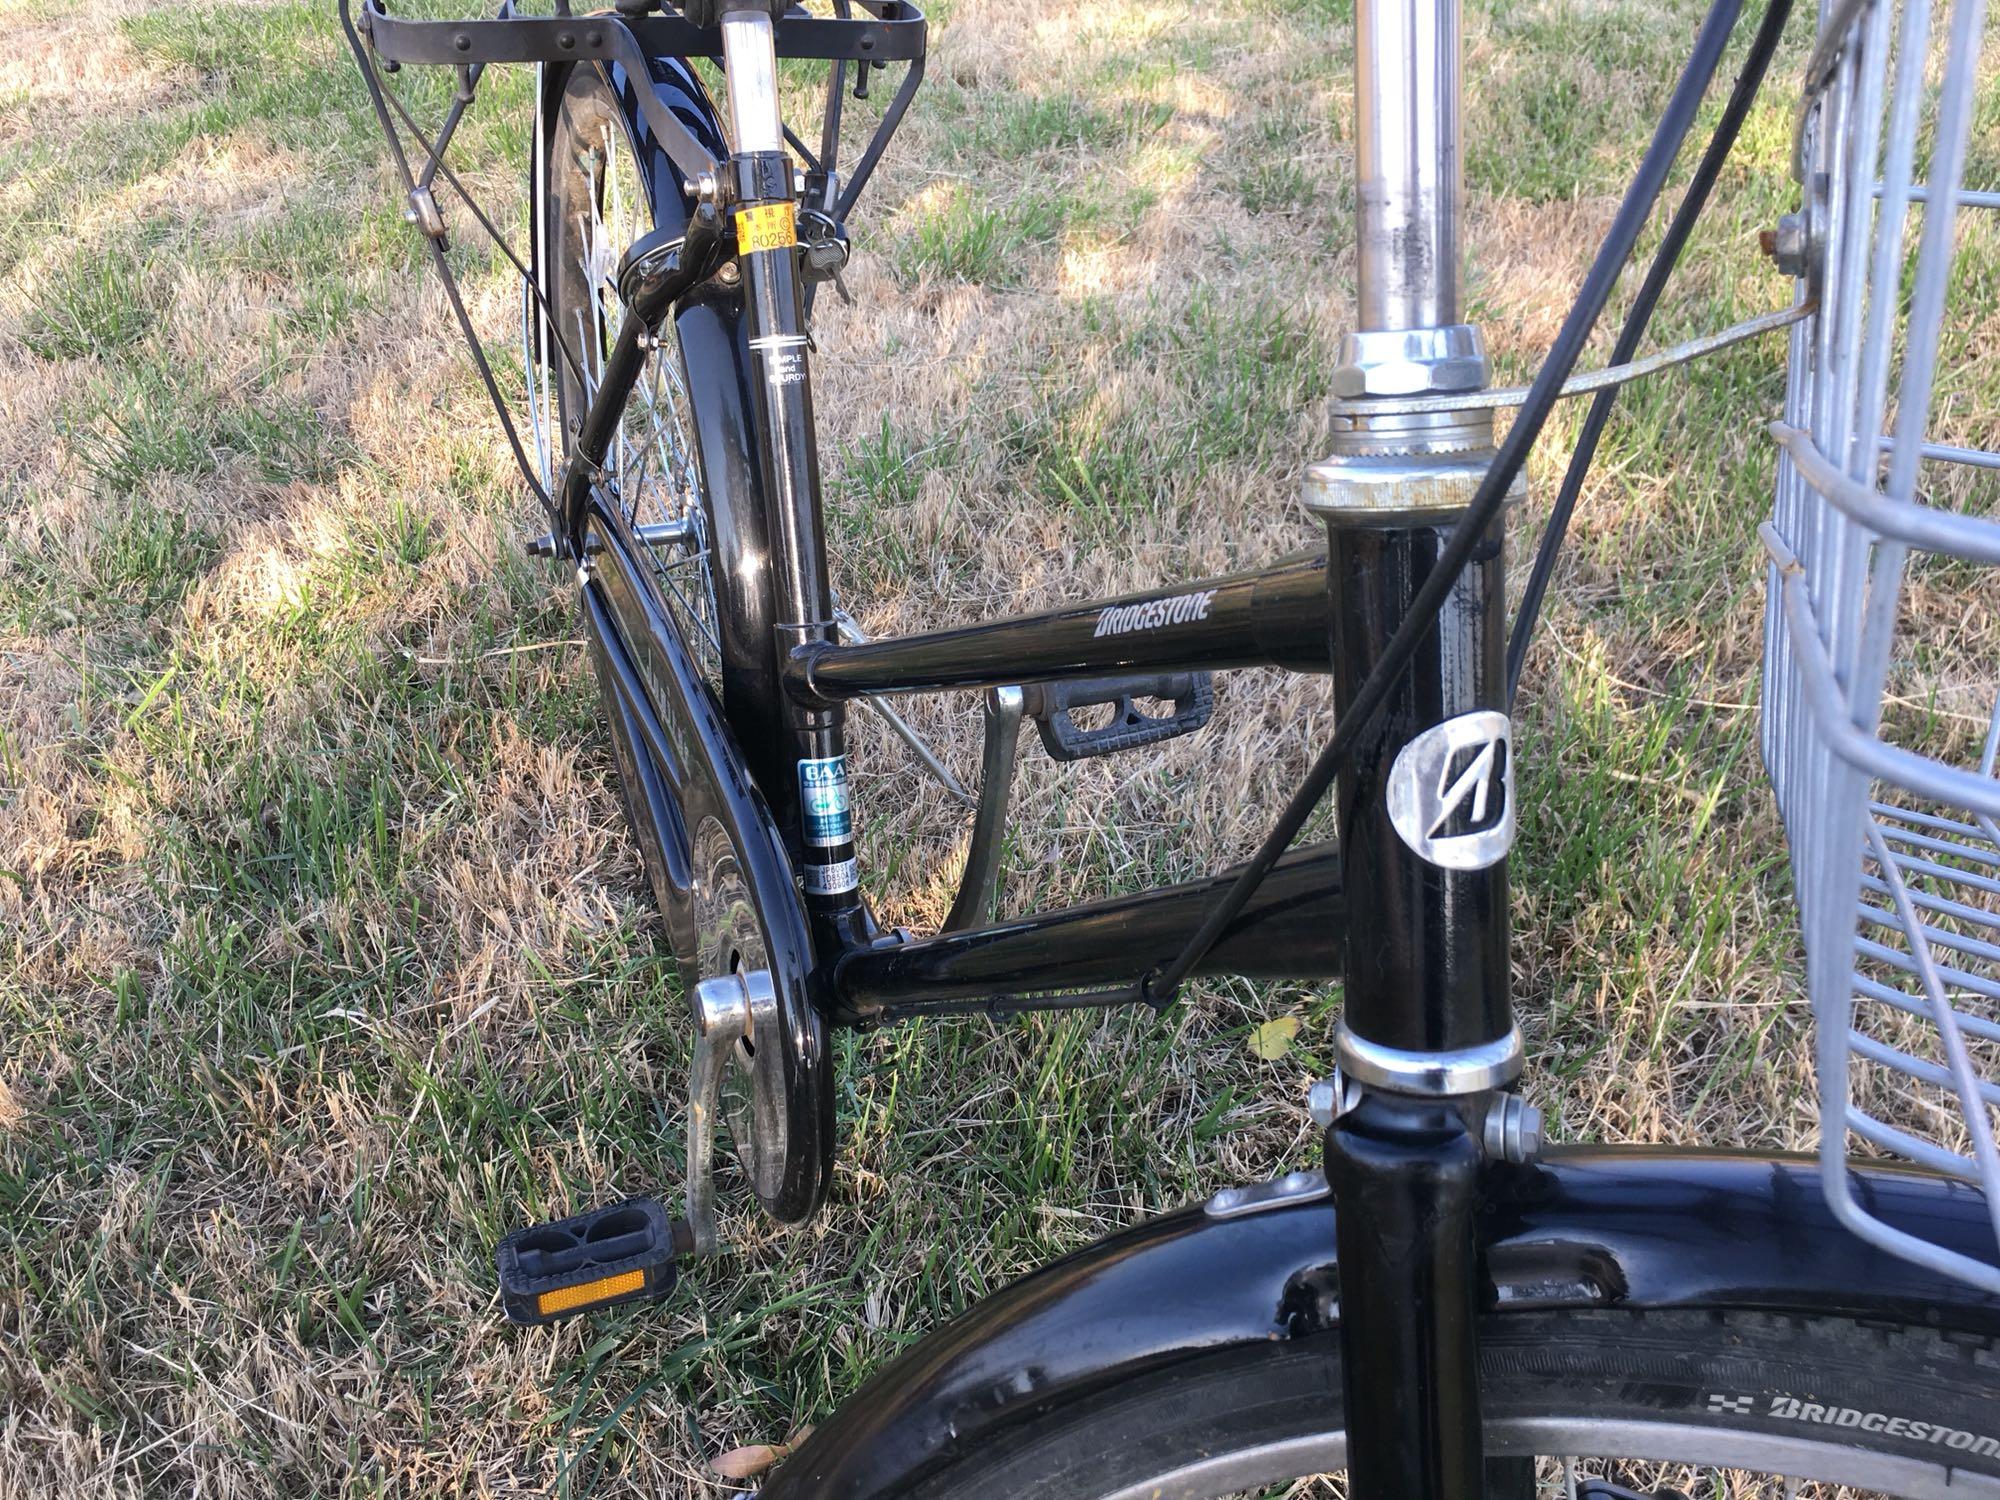 Bridgestone original de segunda mano pesada de bicicletas en Japón 26